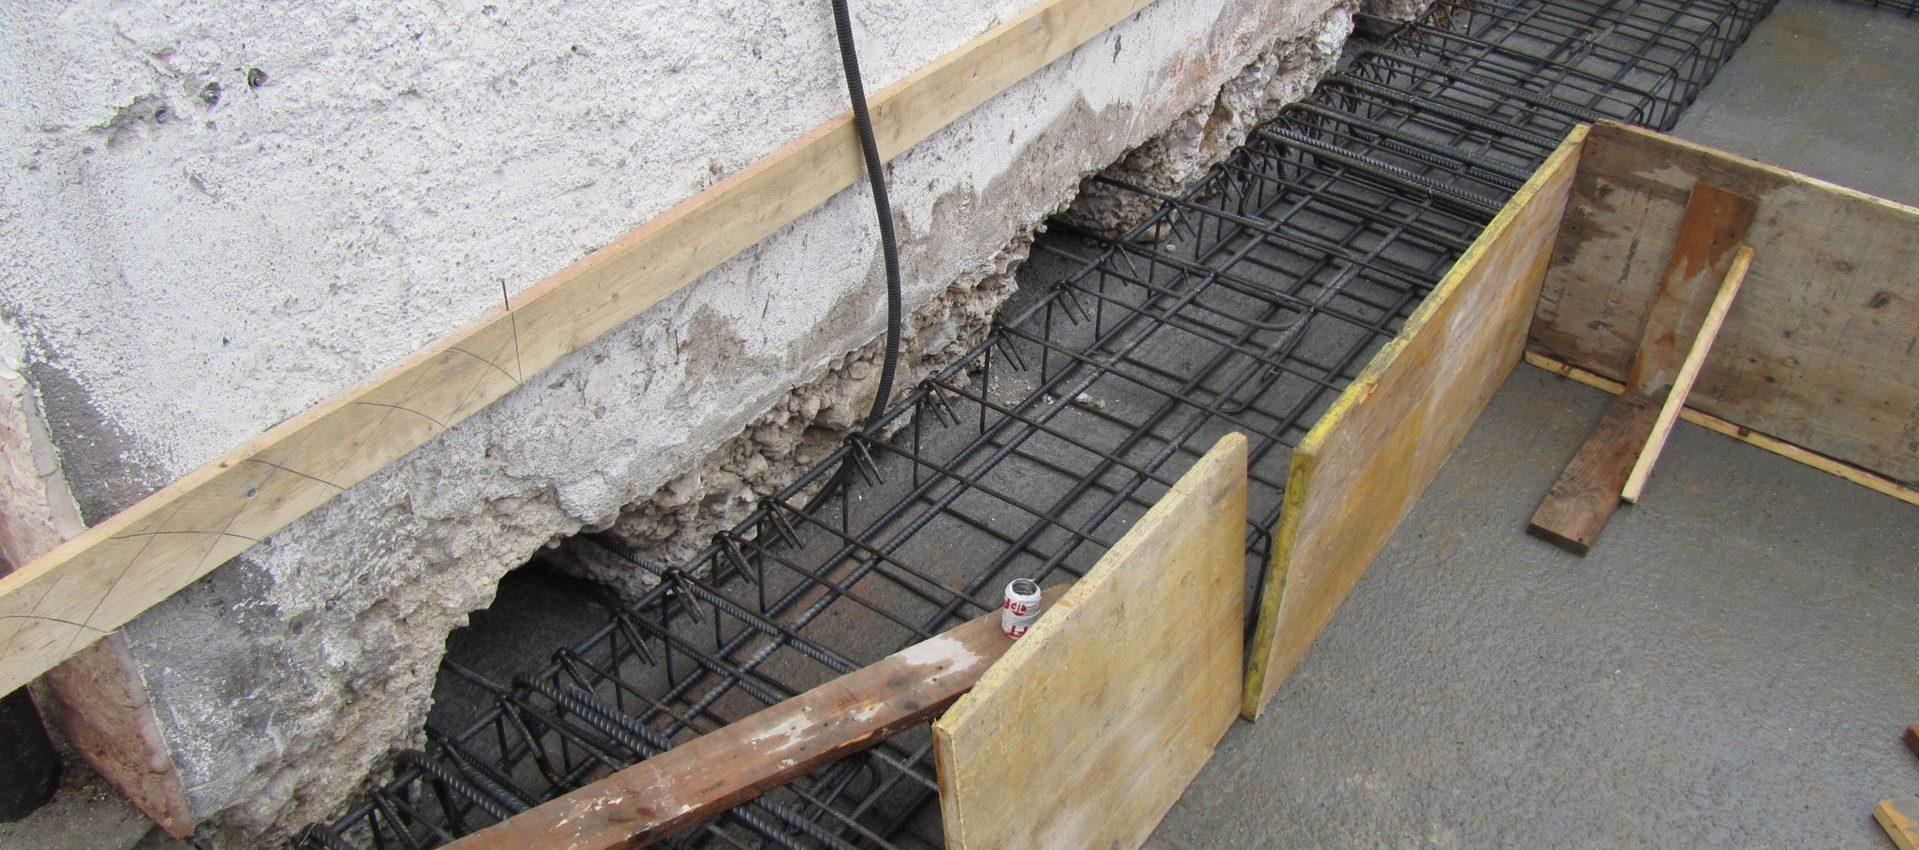 Ampliamento in carpenteria metallica Belluno